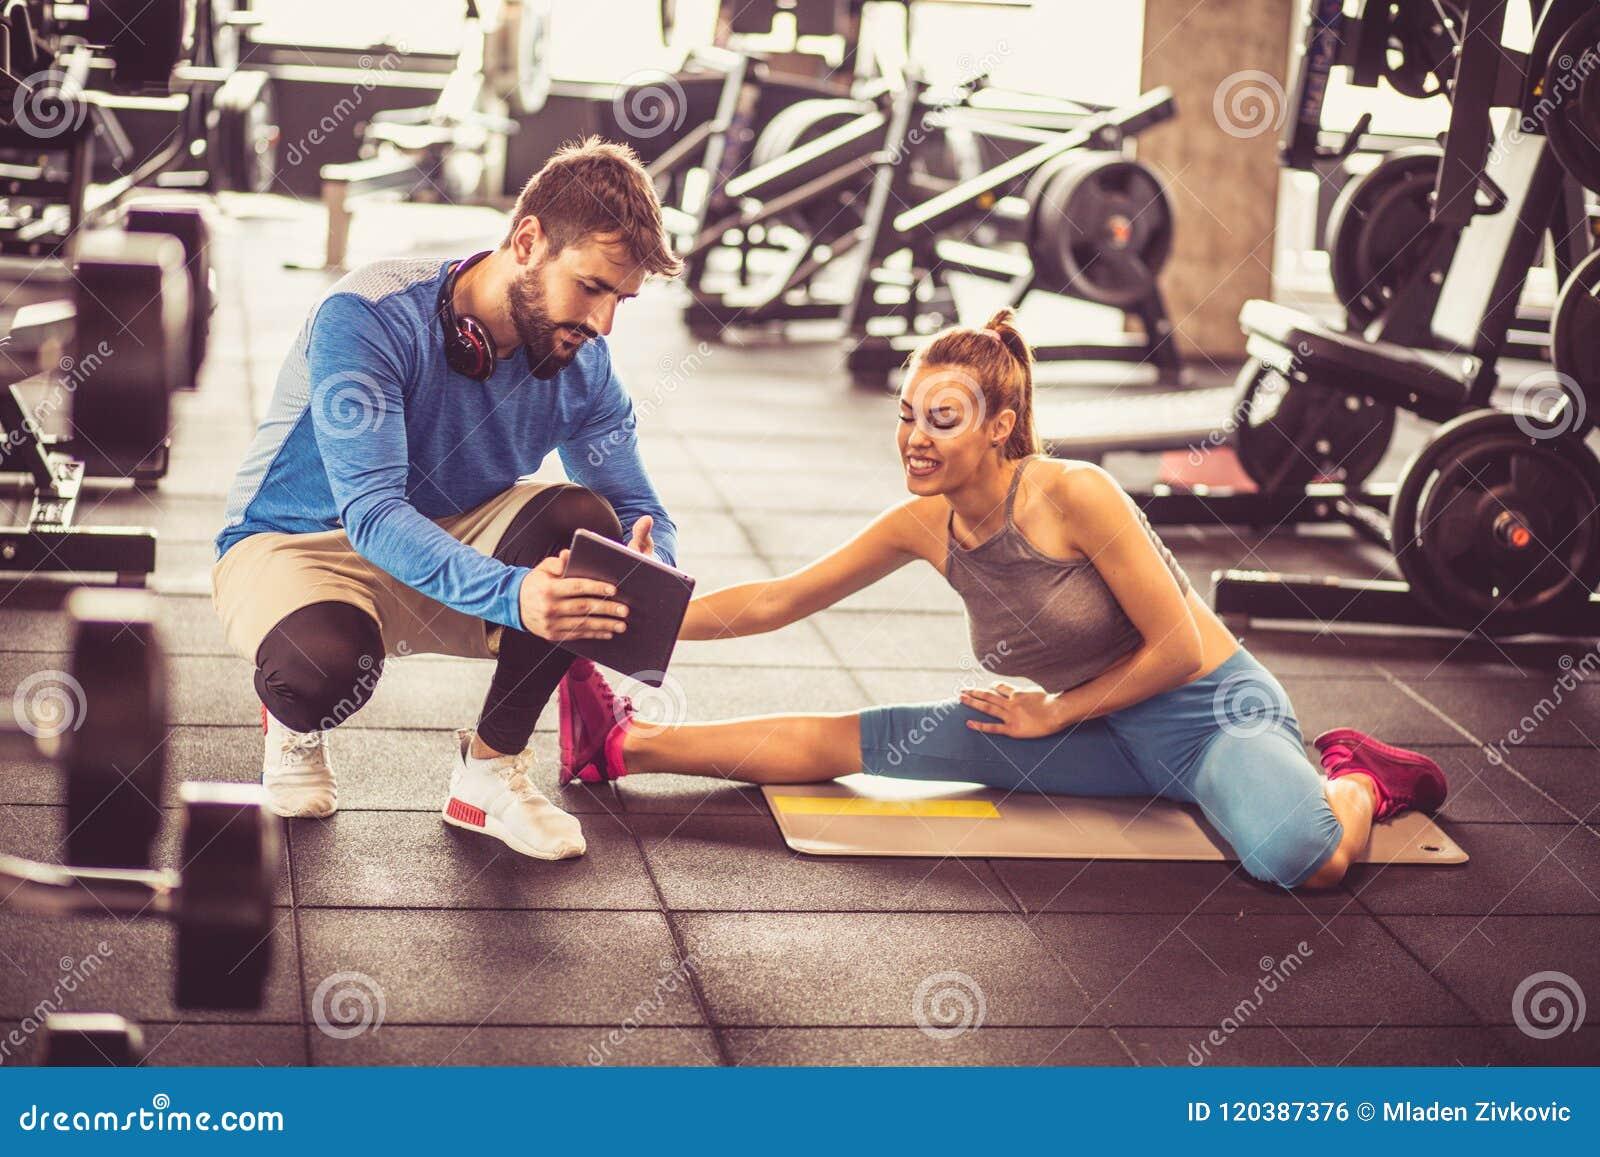 Plano e exercício